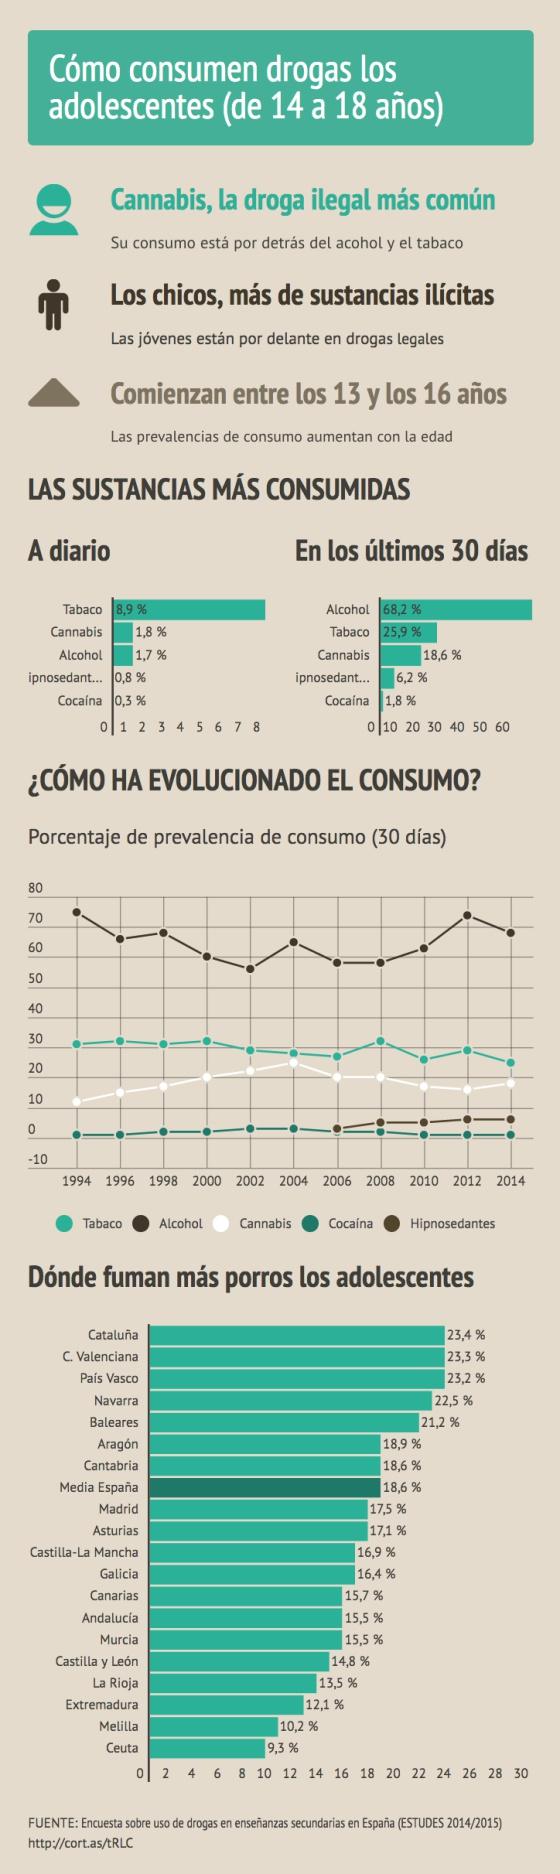 Libre comercio, sus repercusiones en el tráfico de drogas. - Página 5 1486398588_035997_1487789534_sumario_normal